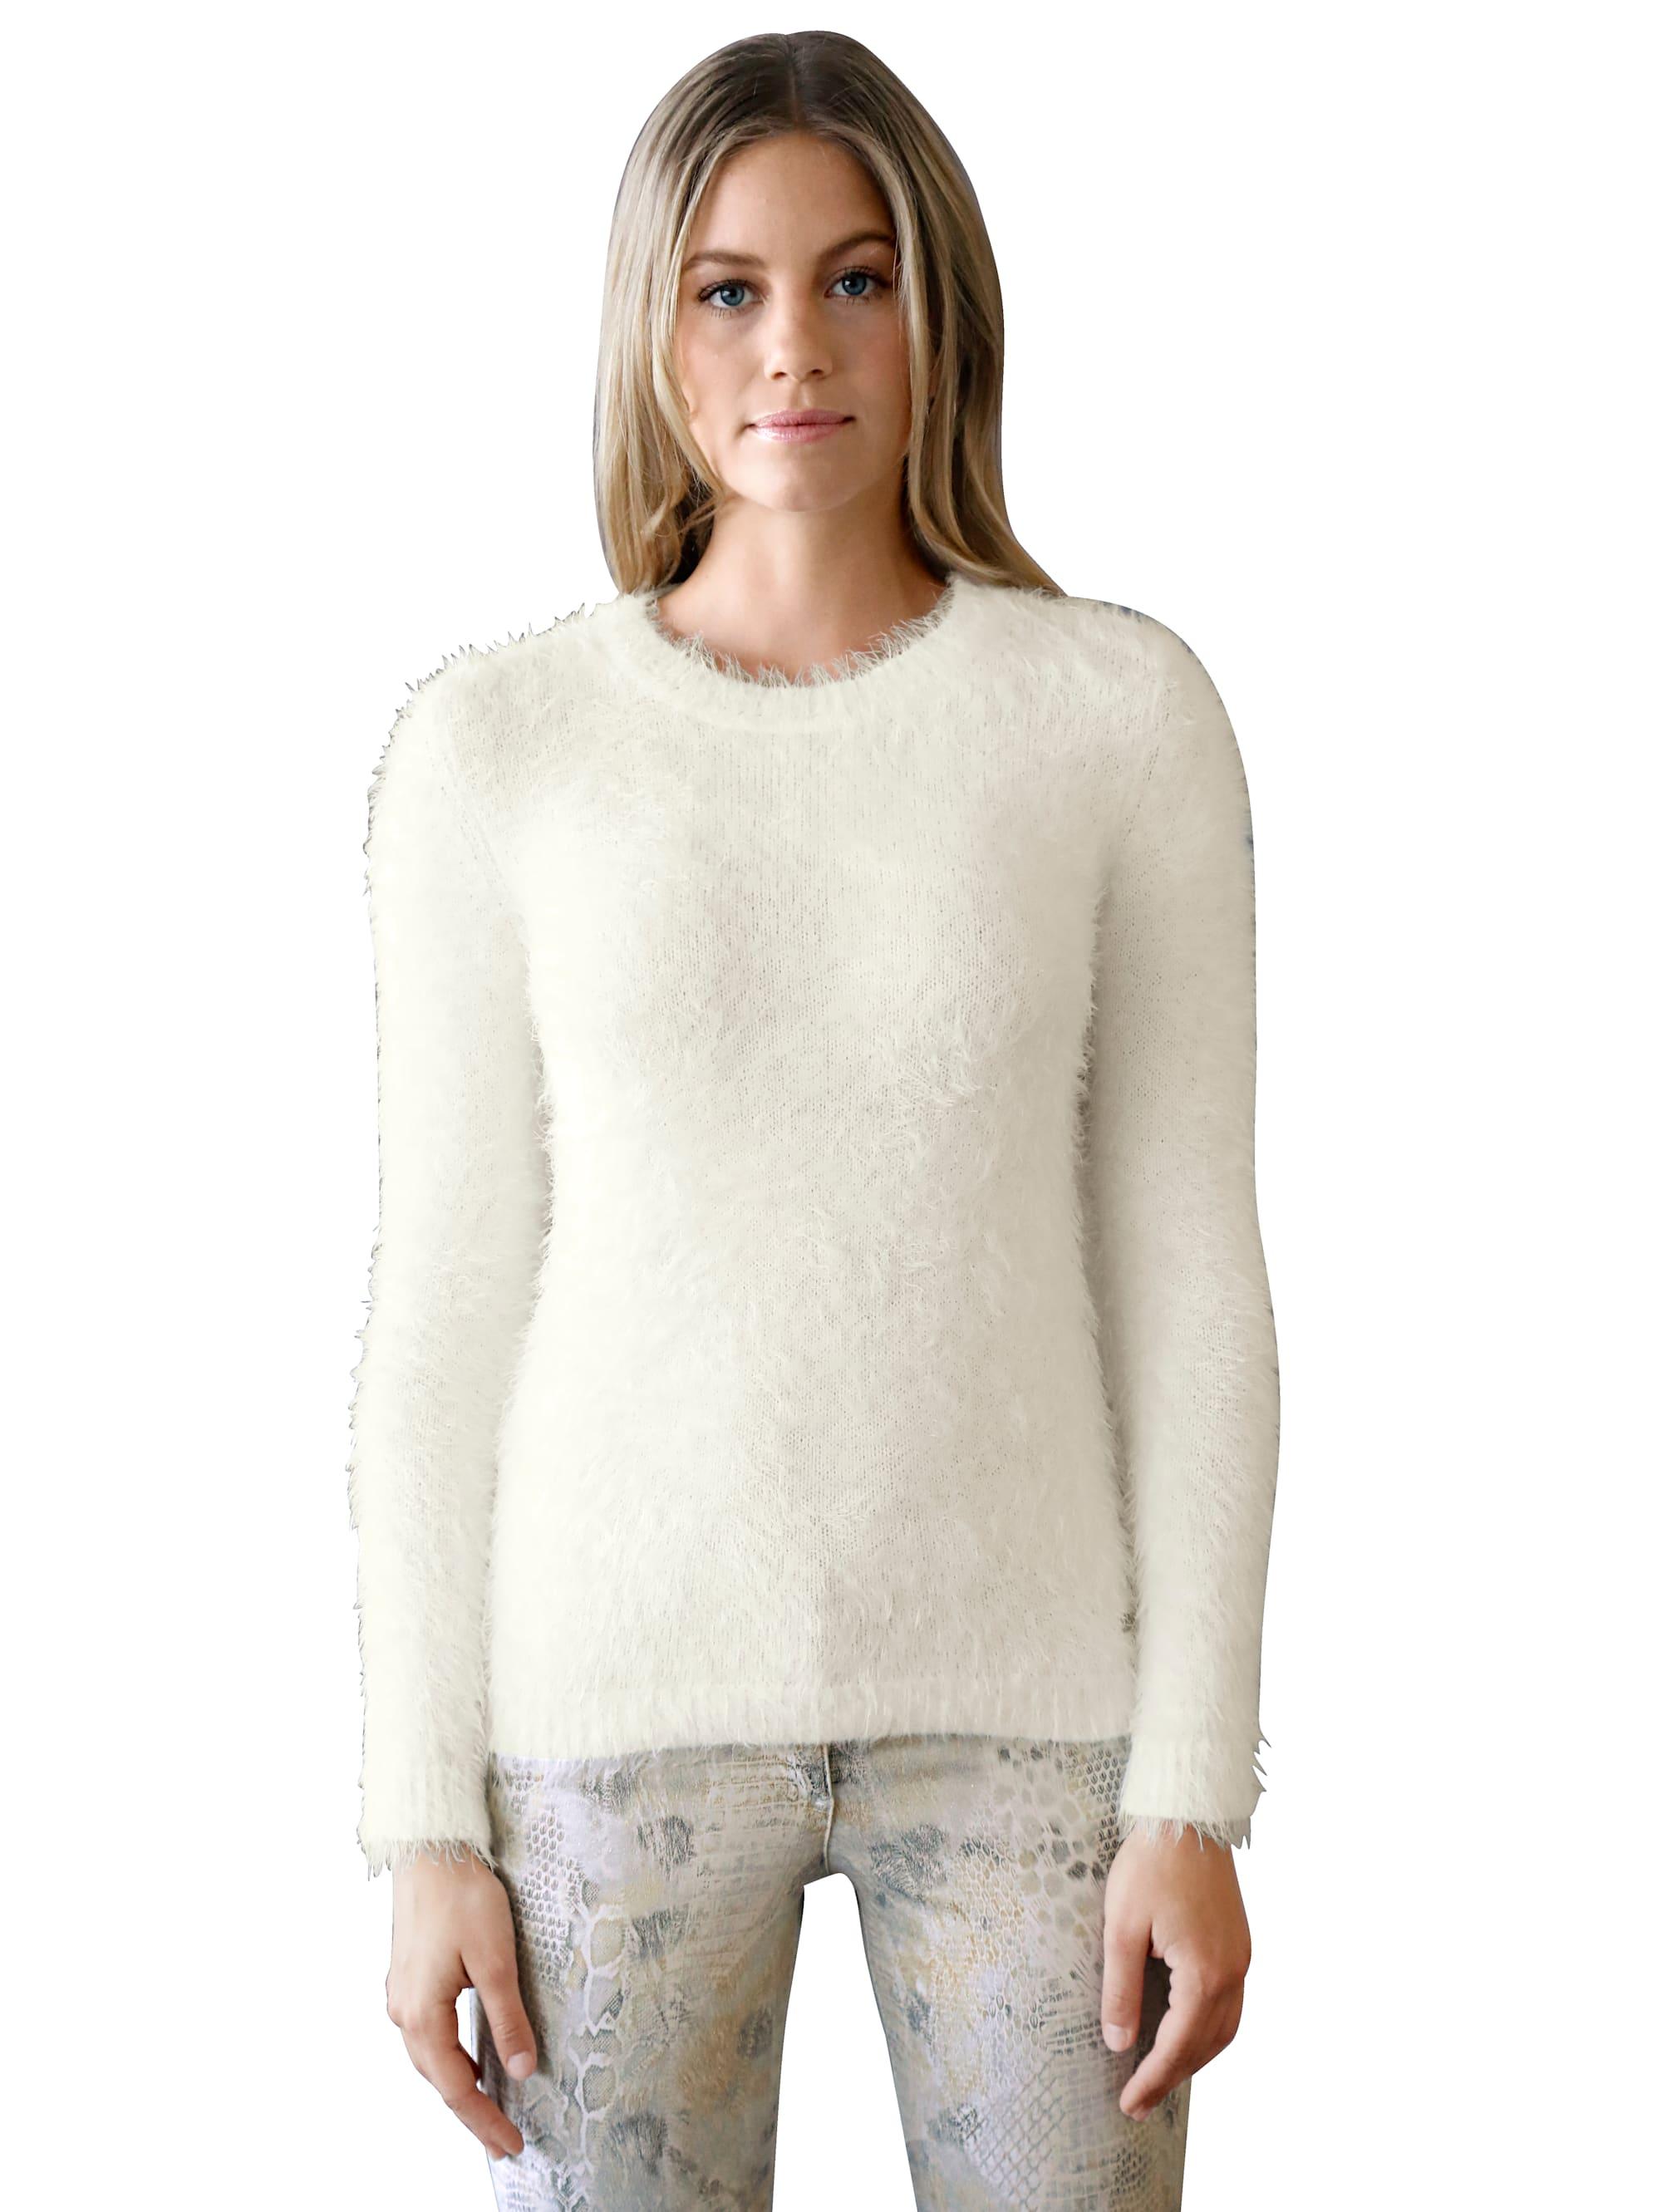 AMY VERMONT Pullover in flauschiger Qualität hx0Z9 3glSw